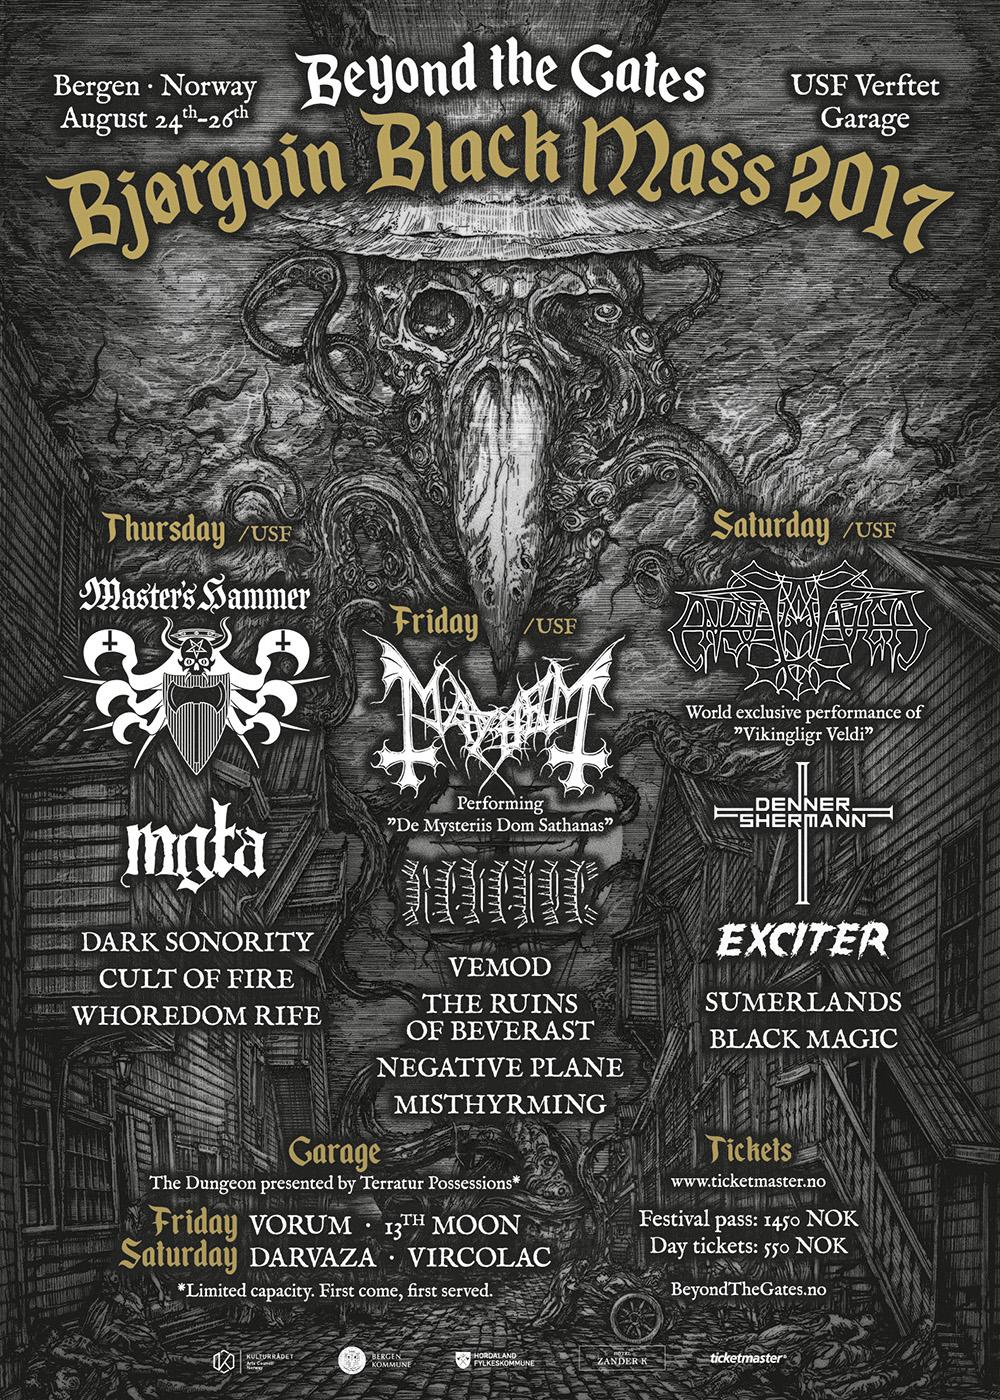 Beyond The Gates 2017 Metal Hammer Norway